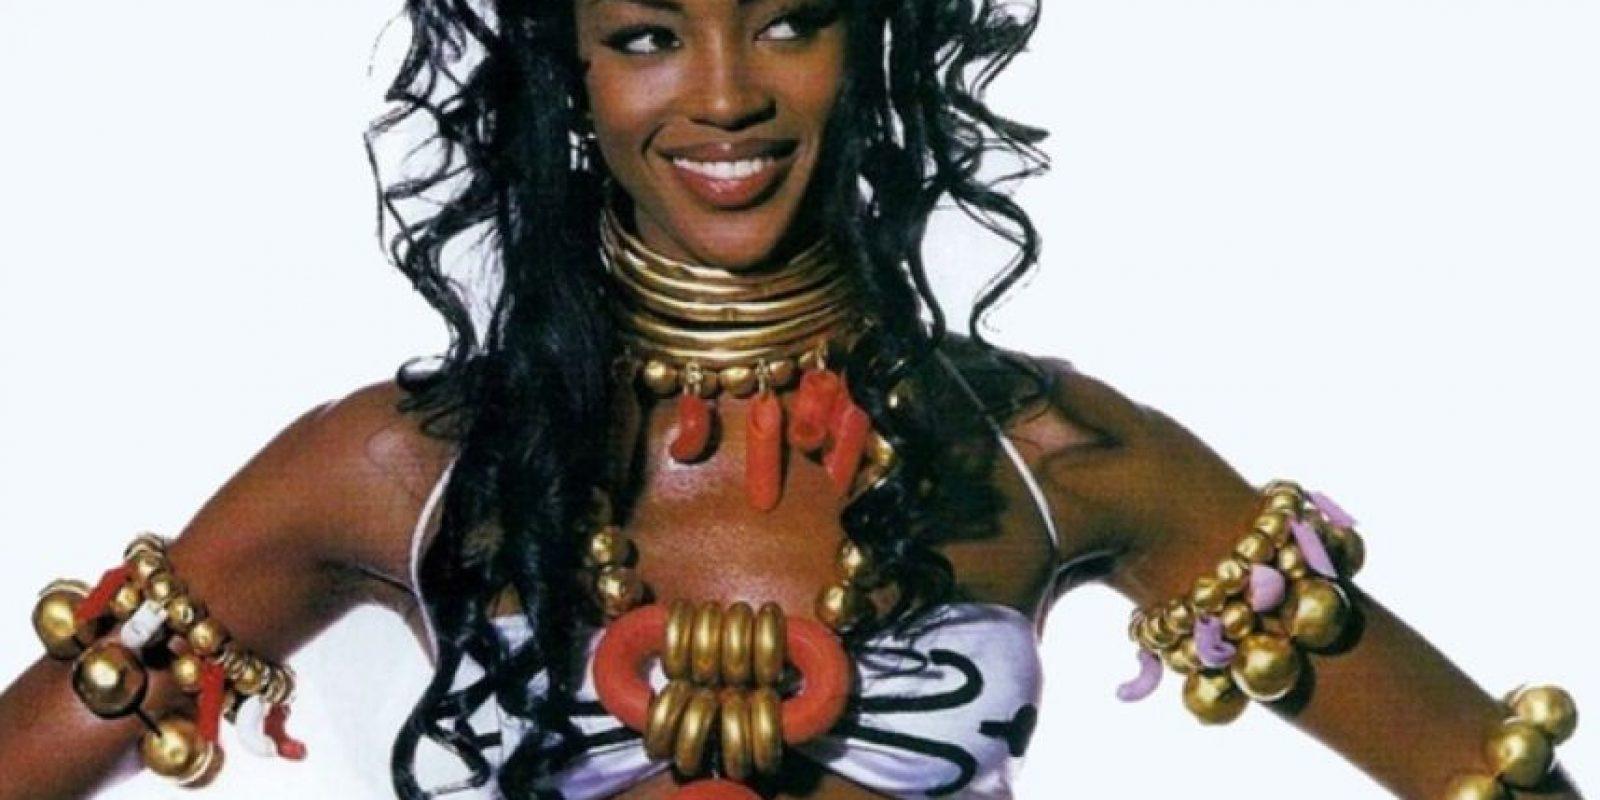 Así lucía Naomi Campbell a comienzos de los años 90. Foto:vía Vogue